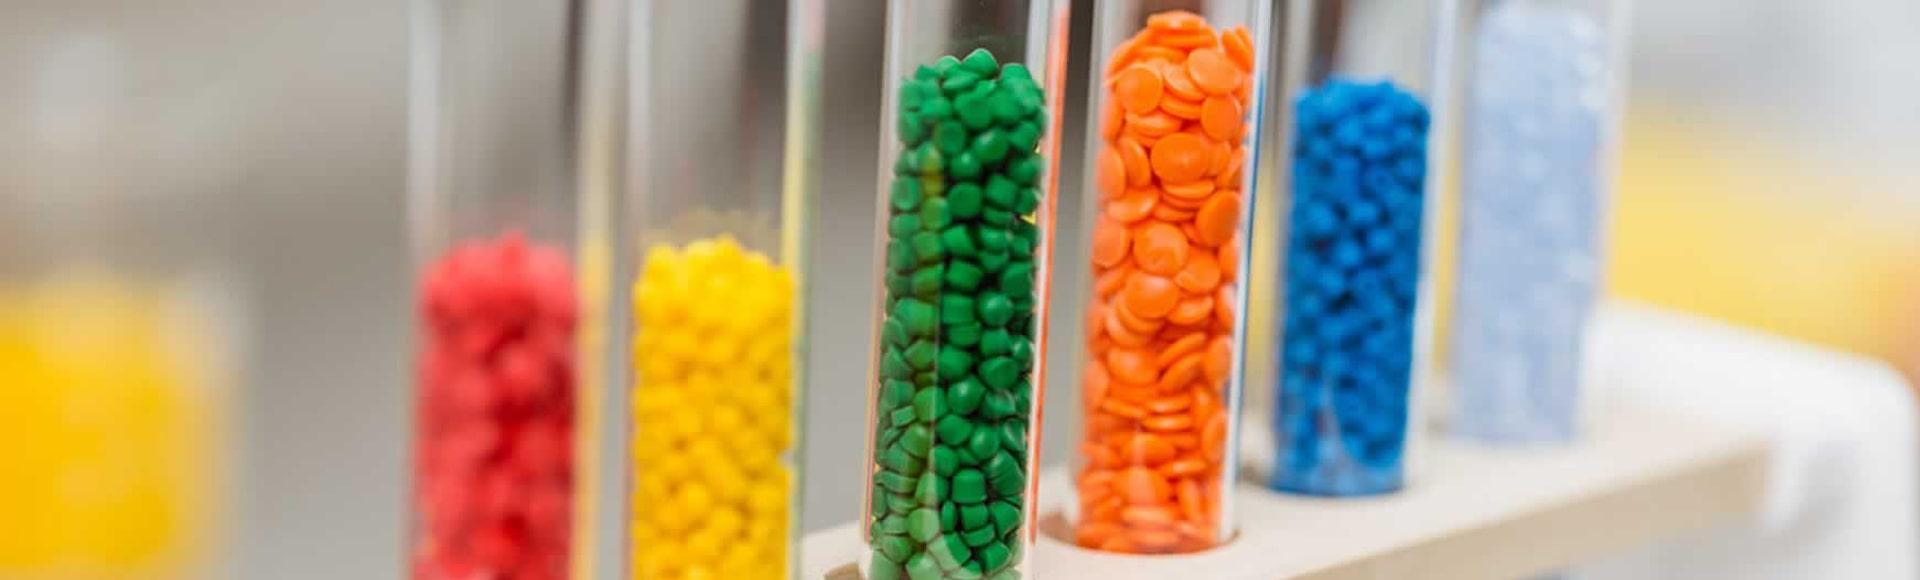 Polypropylene plastic manufacturer uae